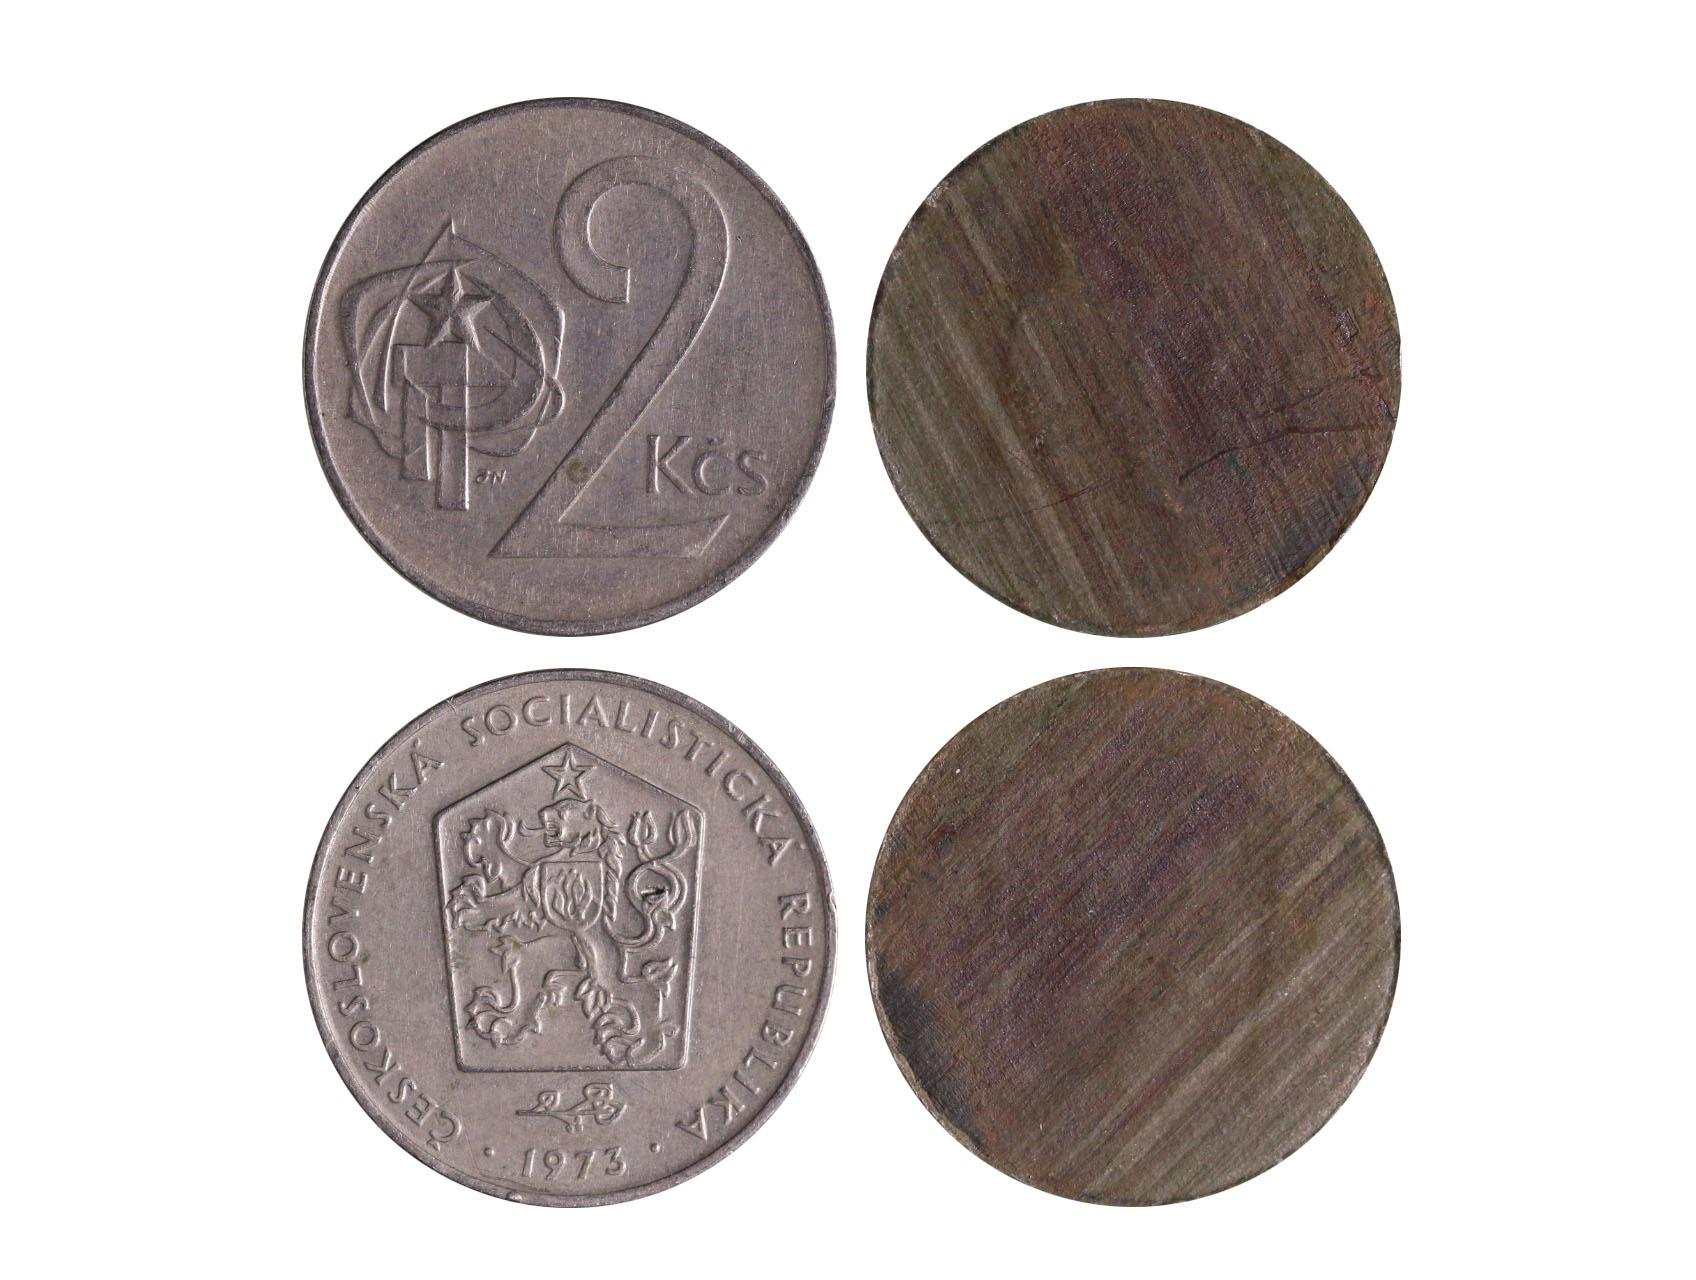 Chyboražba, 2 Koruna 1973 prasklý střižek na dvě části